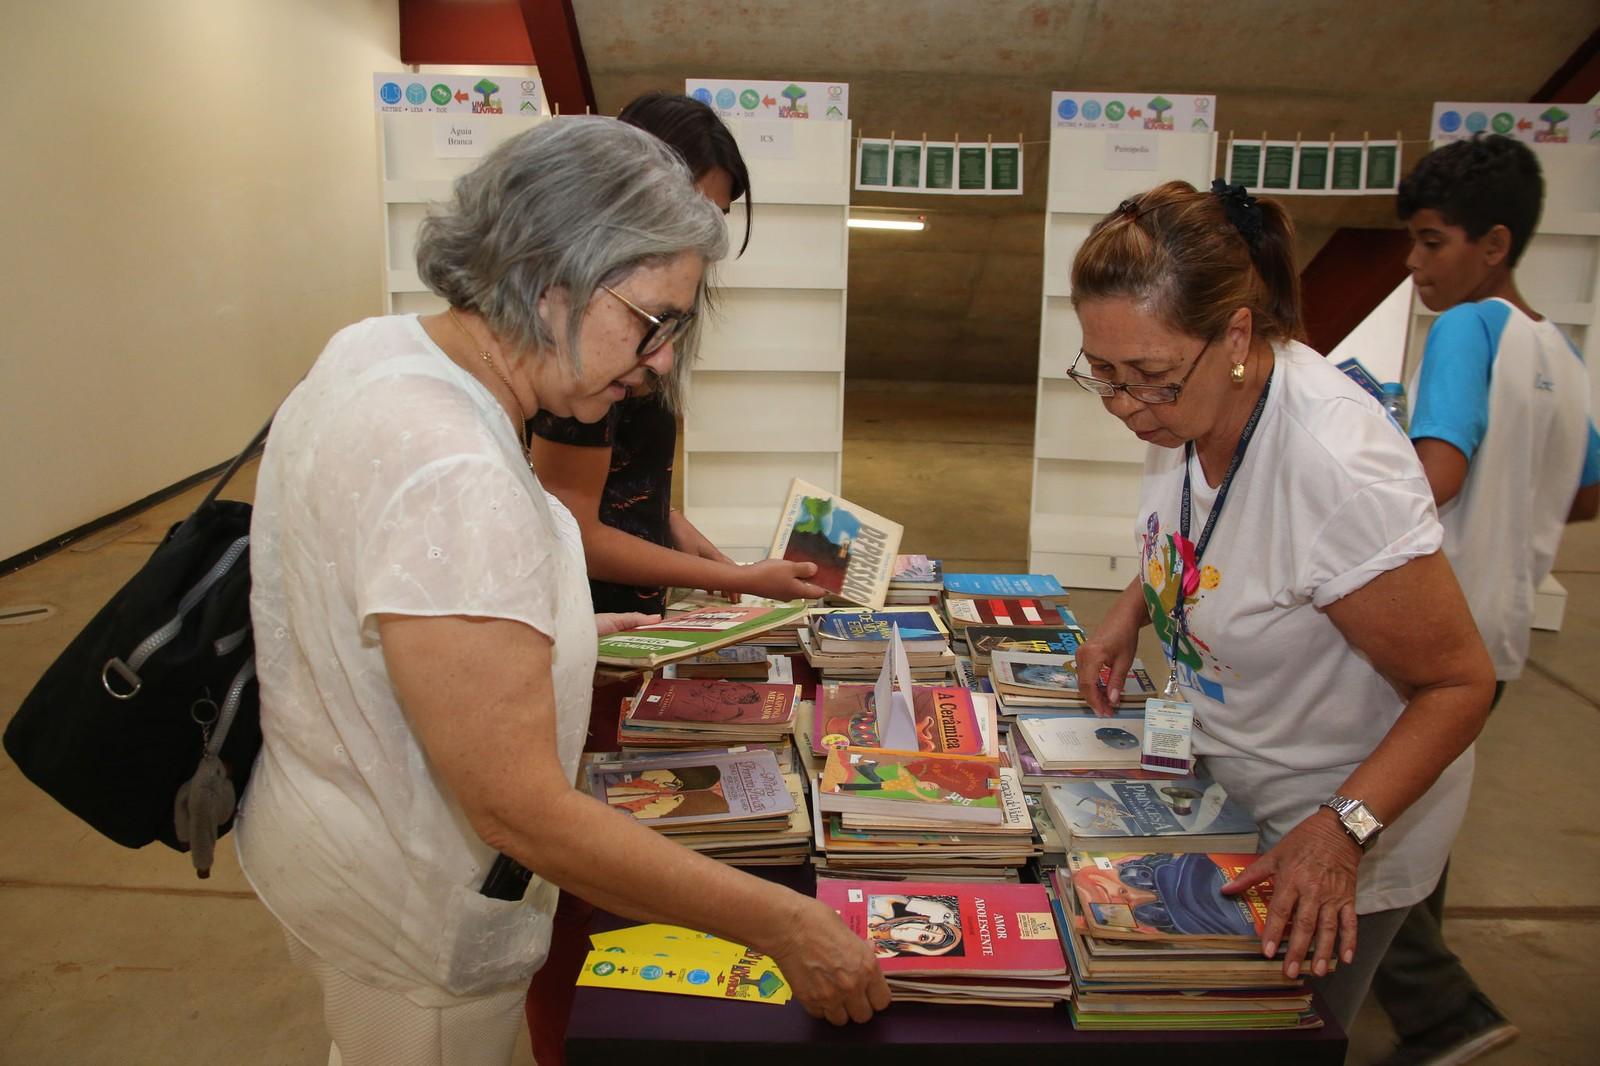 Doaçoes de livros da comunidade também são aceitas (Foto: Elioenai Amuy/UFTM )